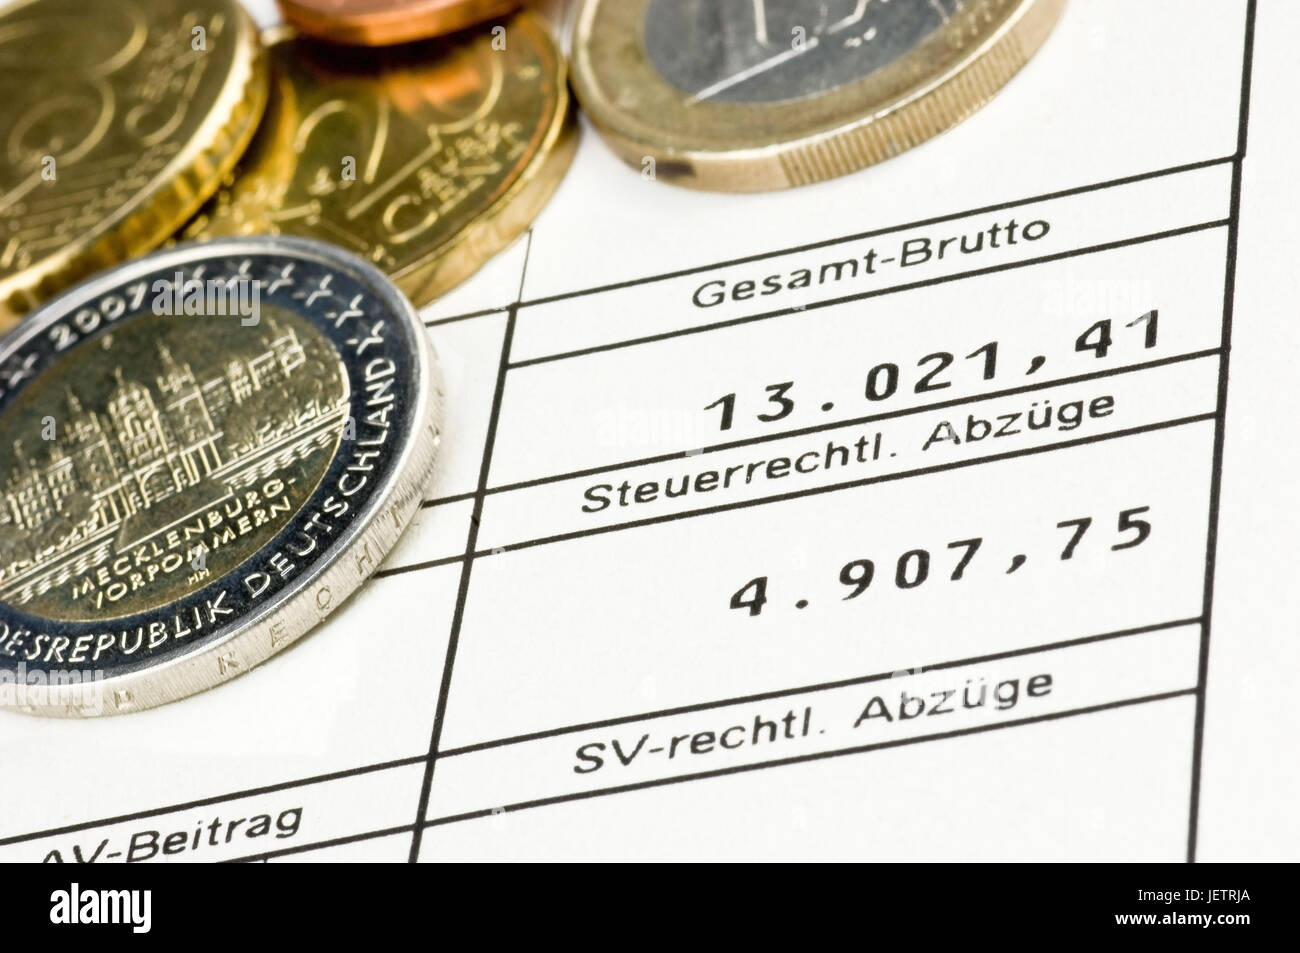 Pay slip form with euro-coins, Lohnabrechnungs-Formular mit Euro-Muenzen Stock Photo